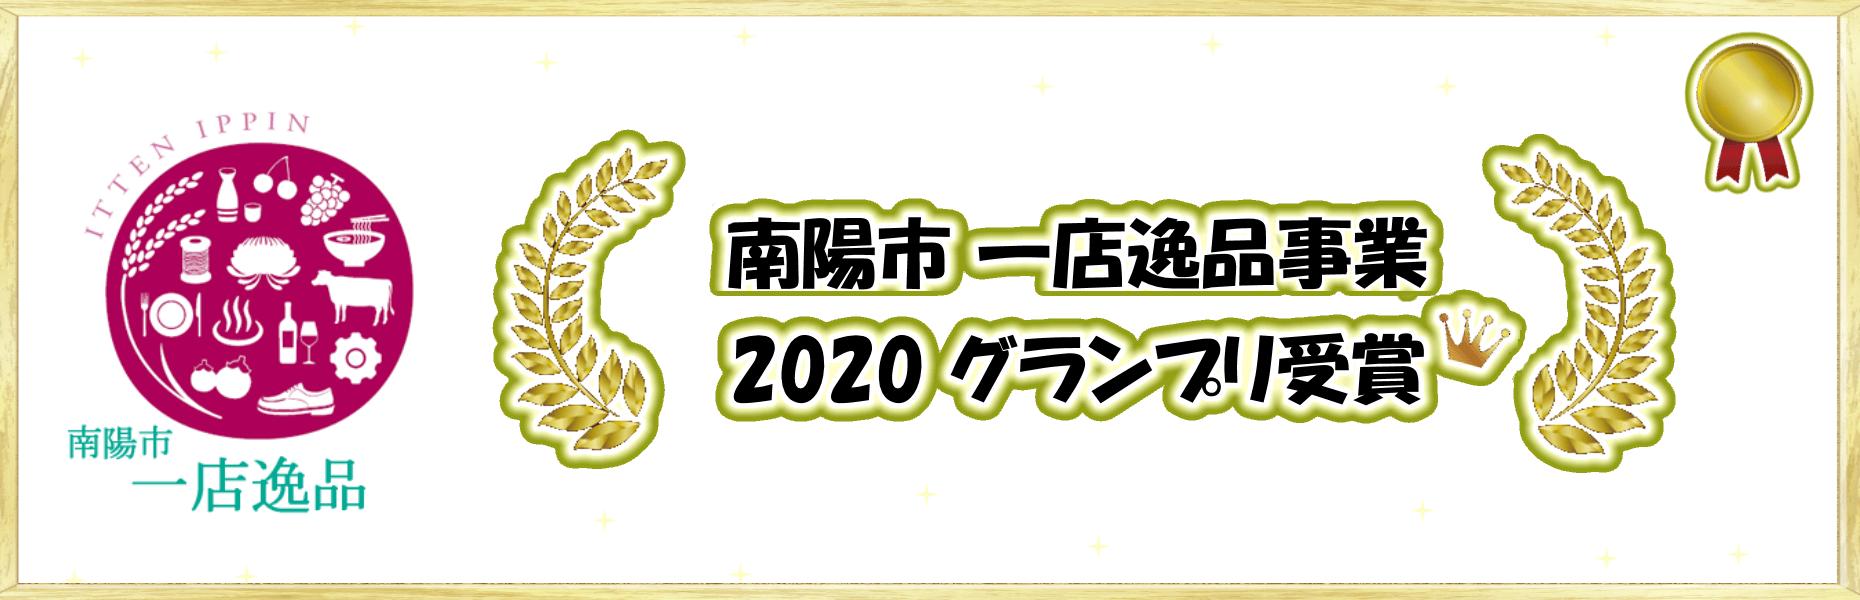 一店逸品事業2020 グランプリ受賞